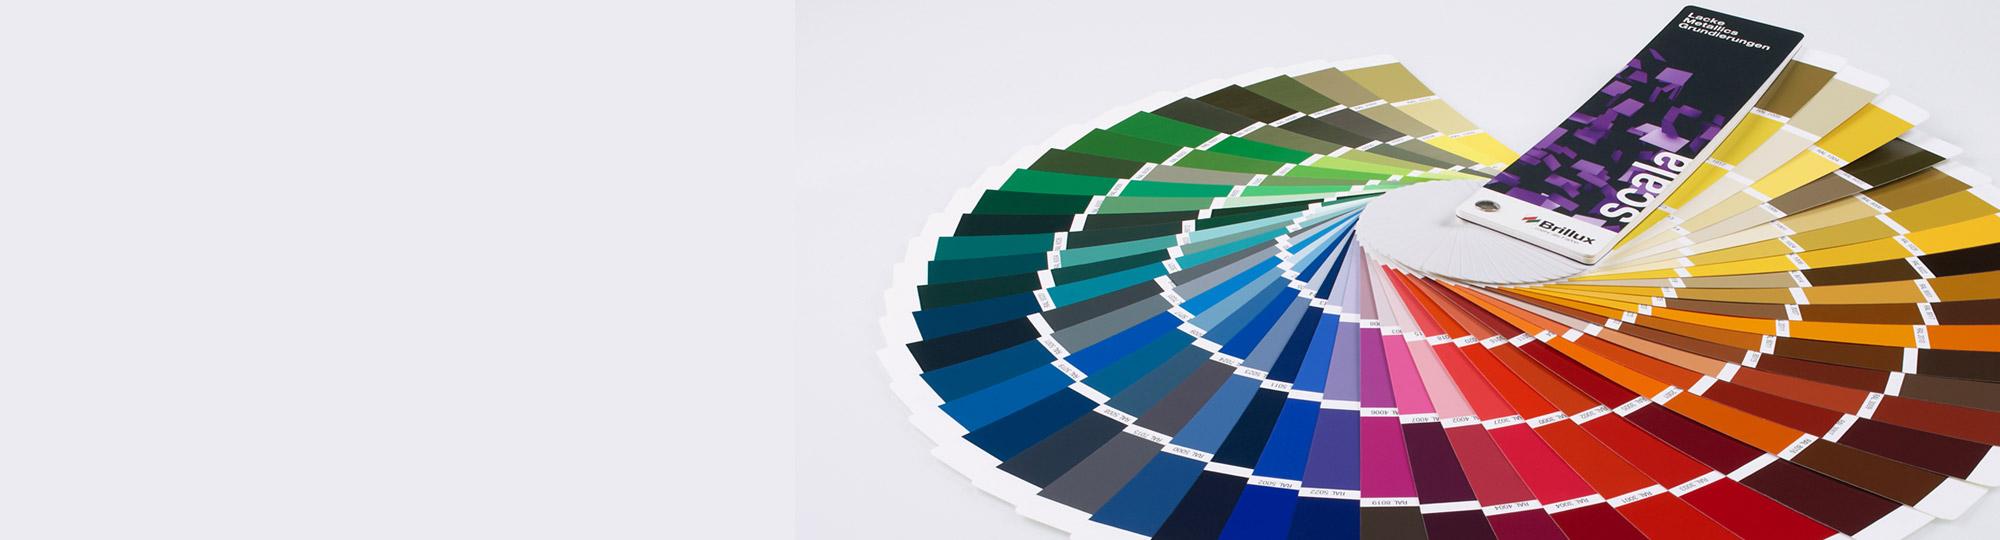 Vielfalt - Alle Produkte im Überblick